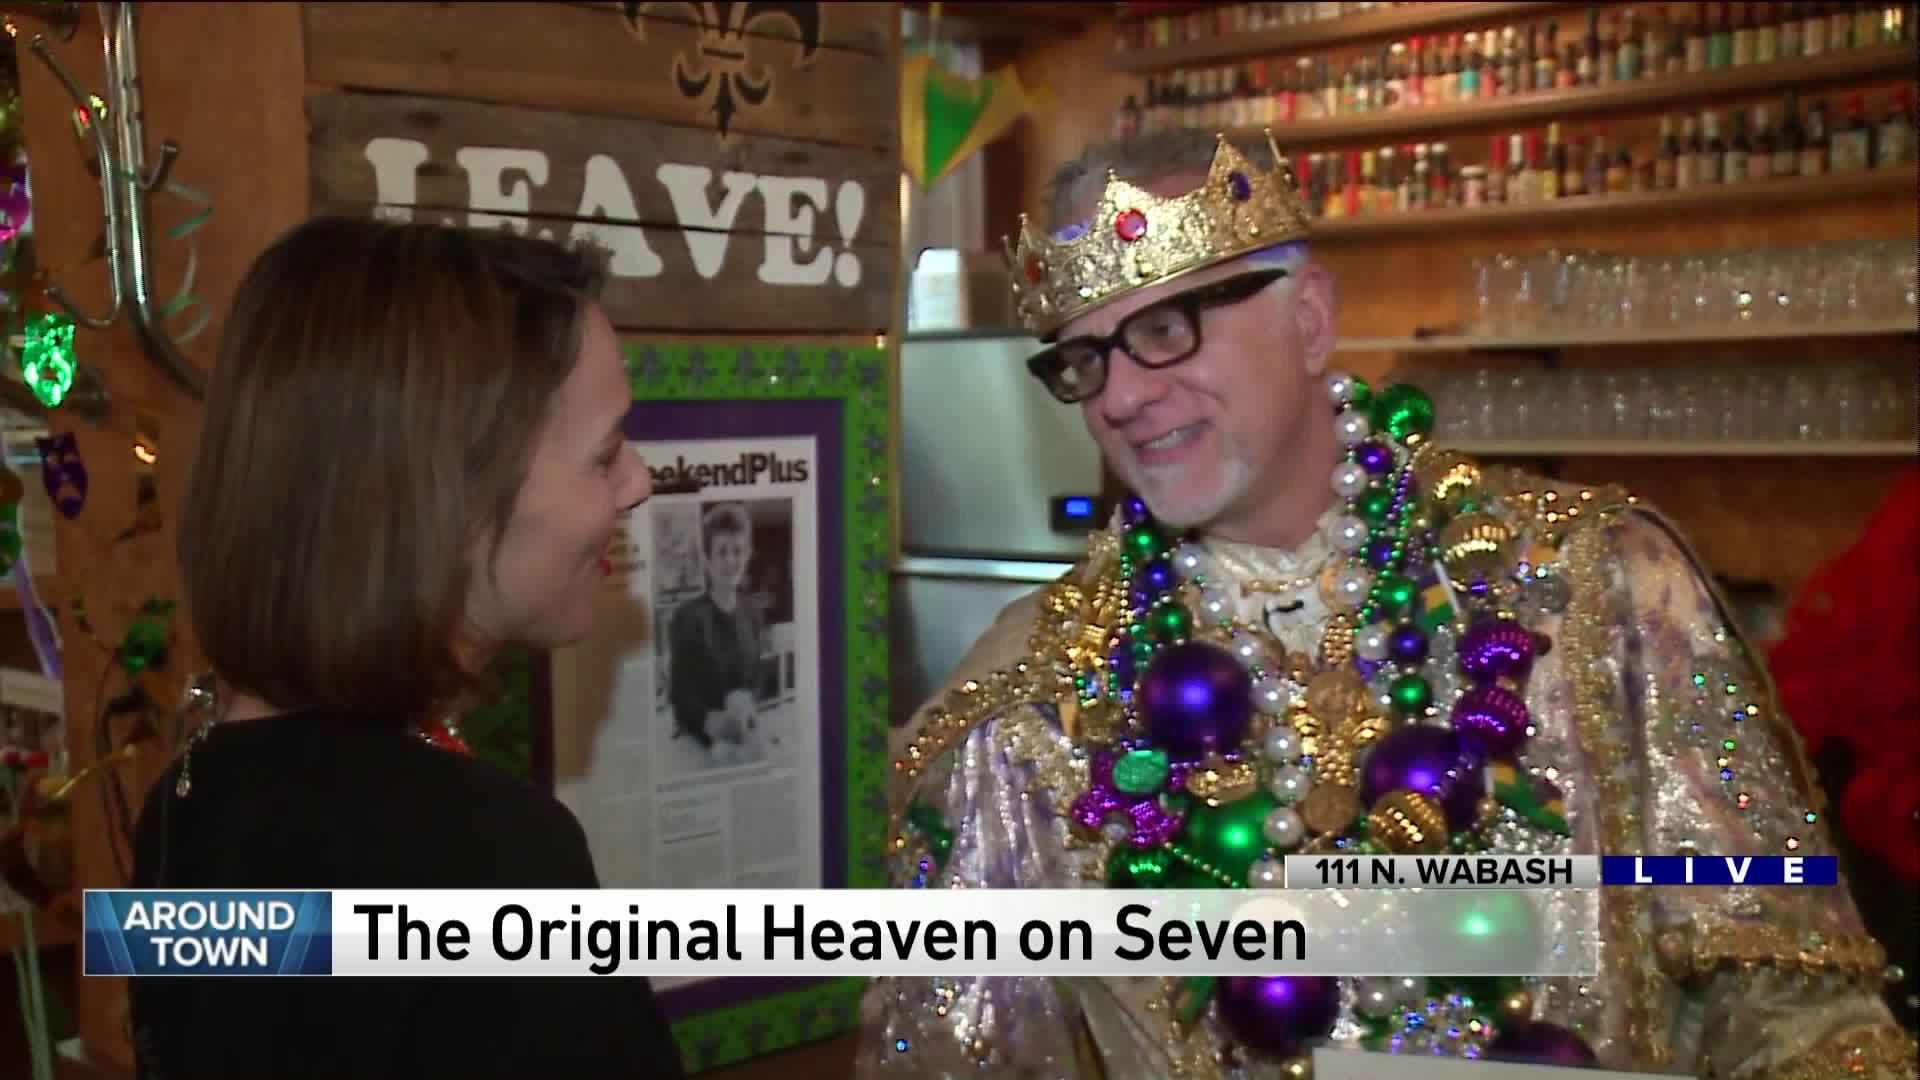 Around Town celebrates Lunde Gras at Heaven on Seven